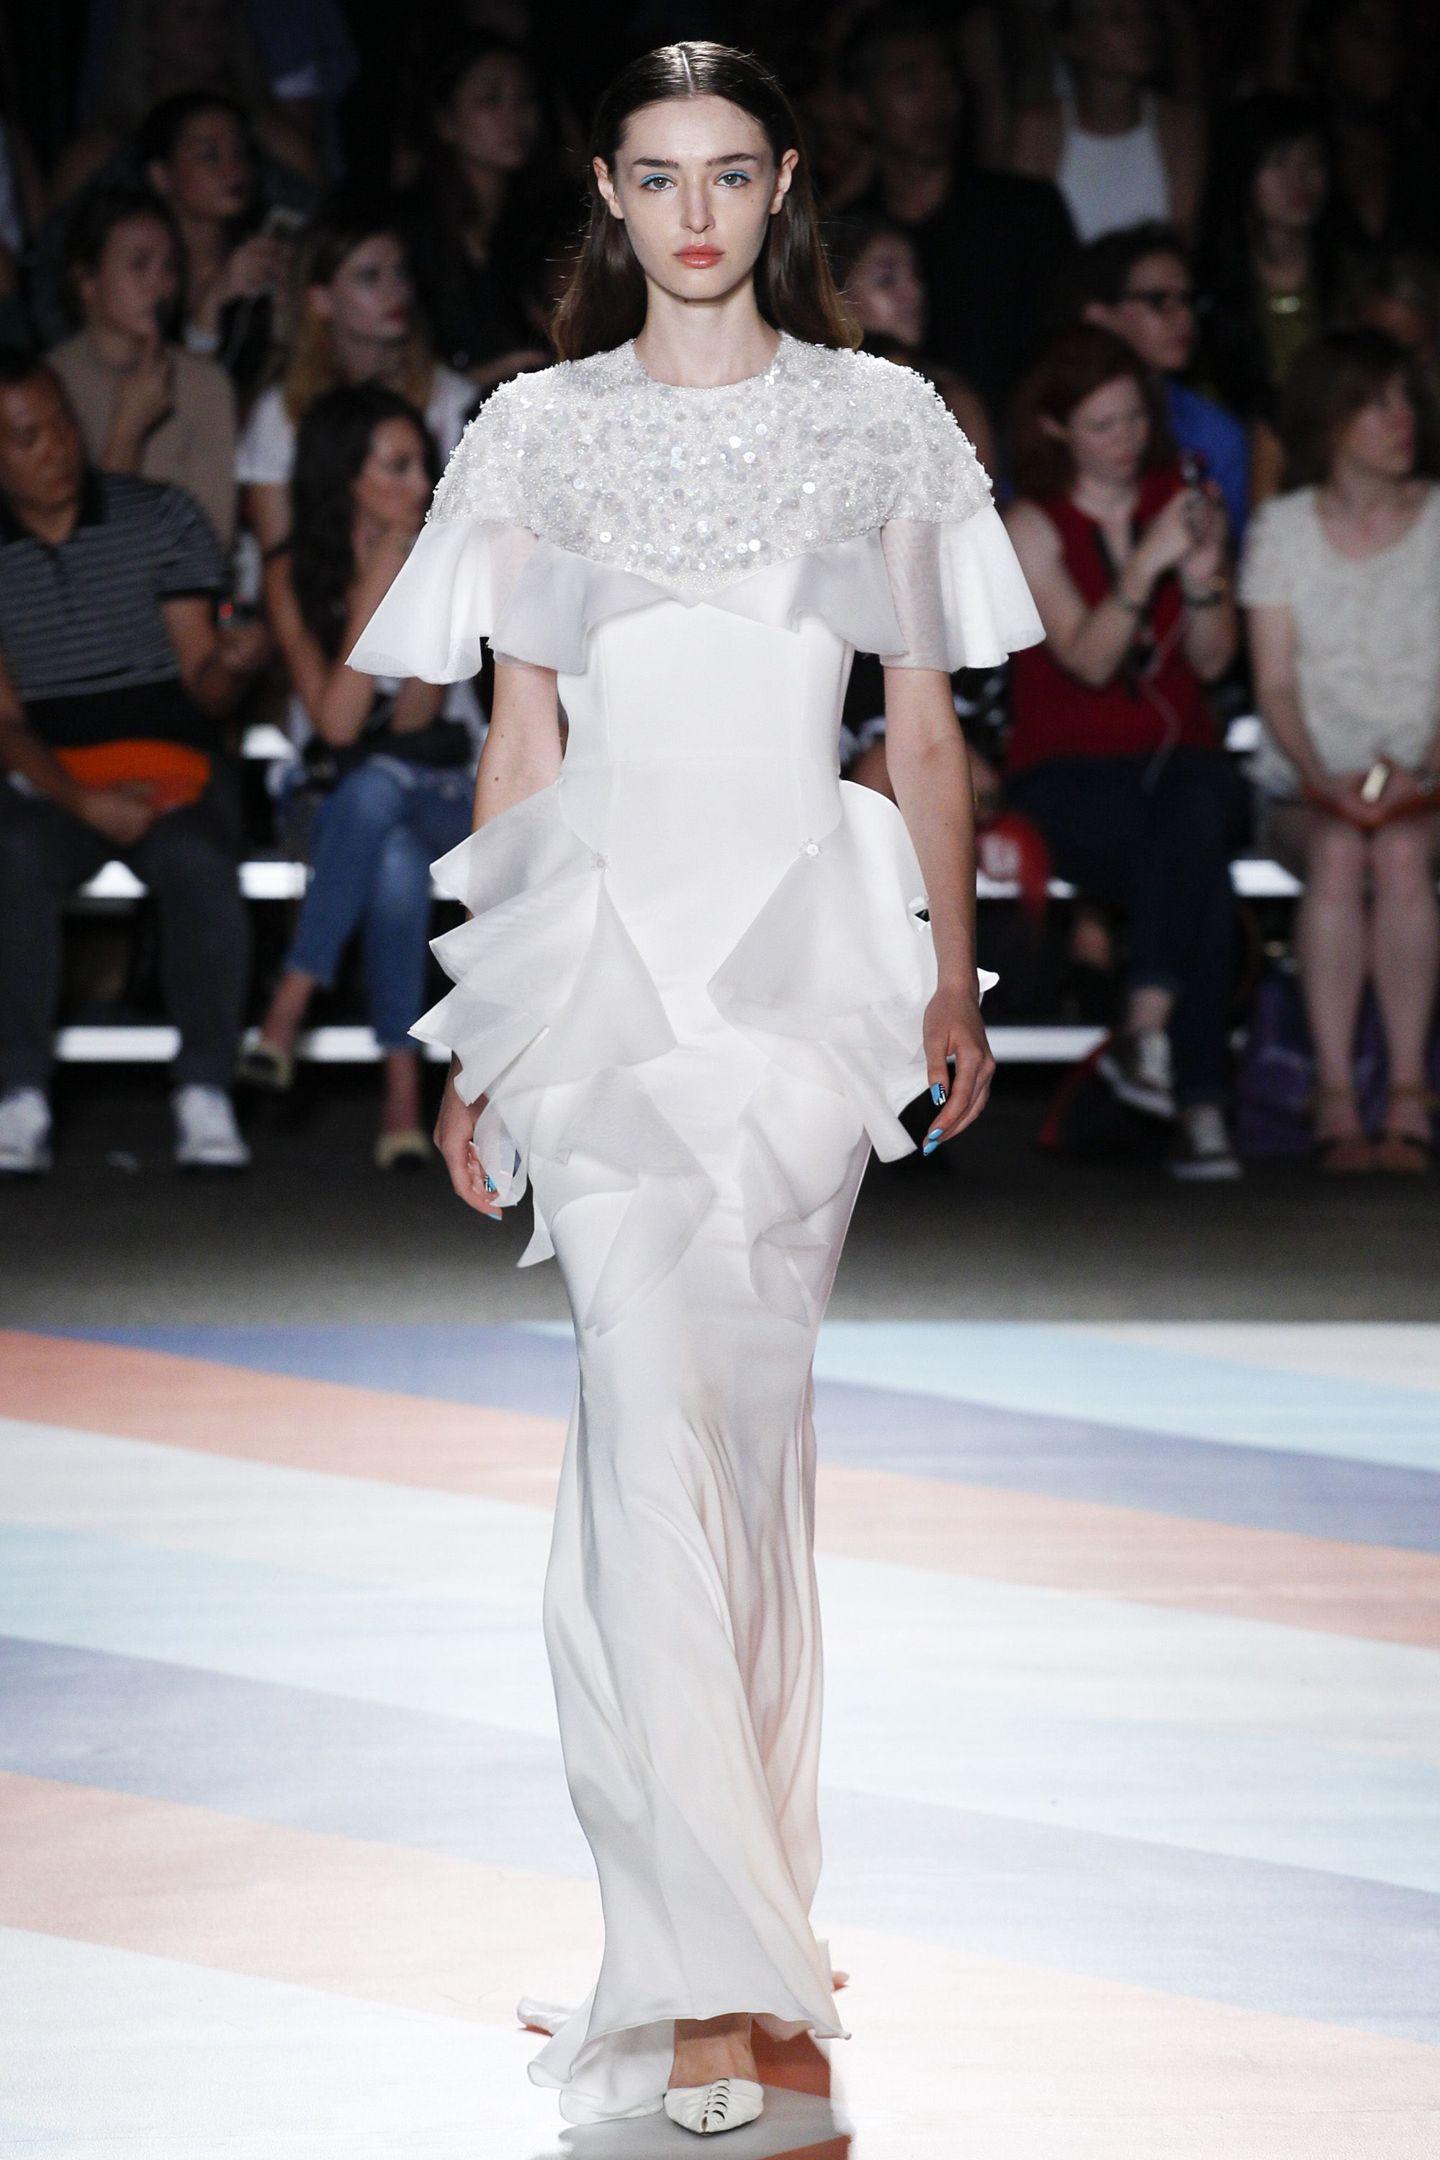 Coast và Karen Millen cho ra mắt Bộ sưu tập thời trang